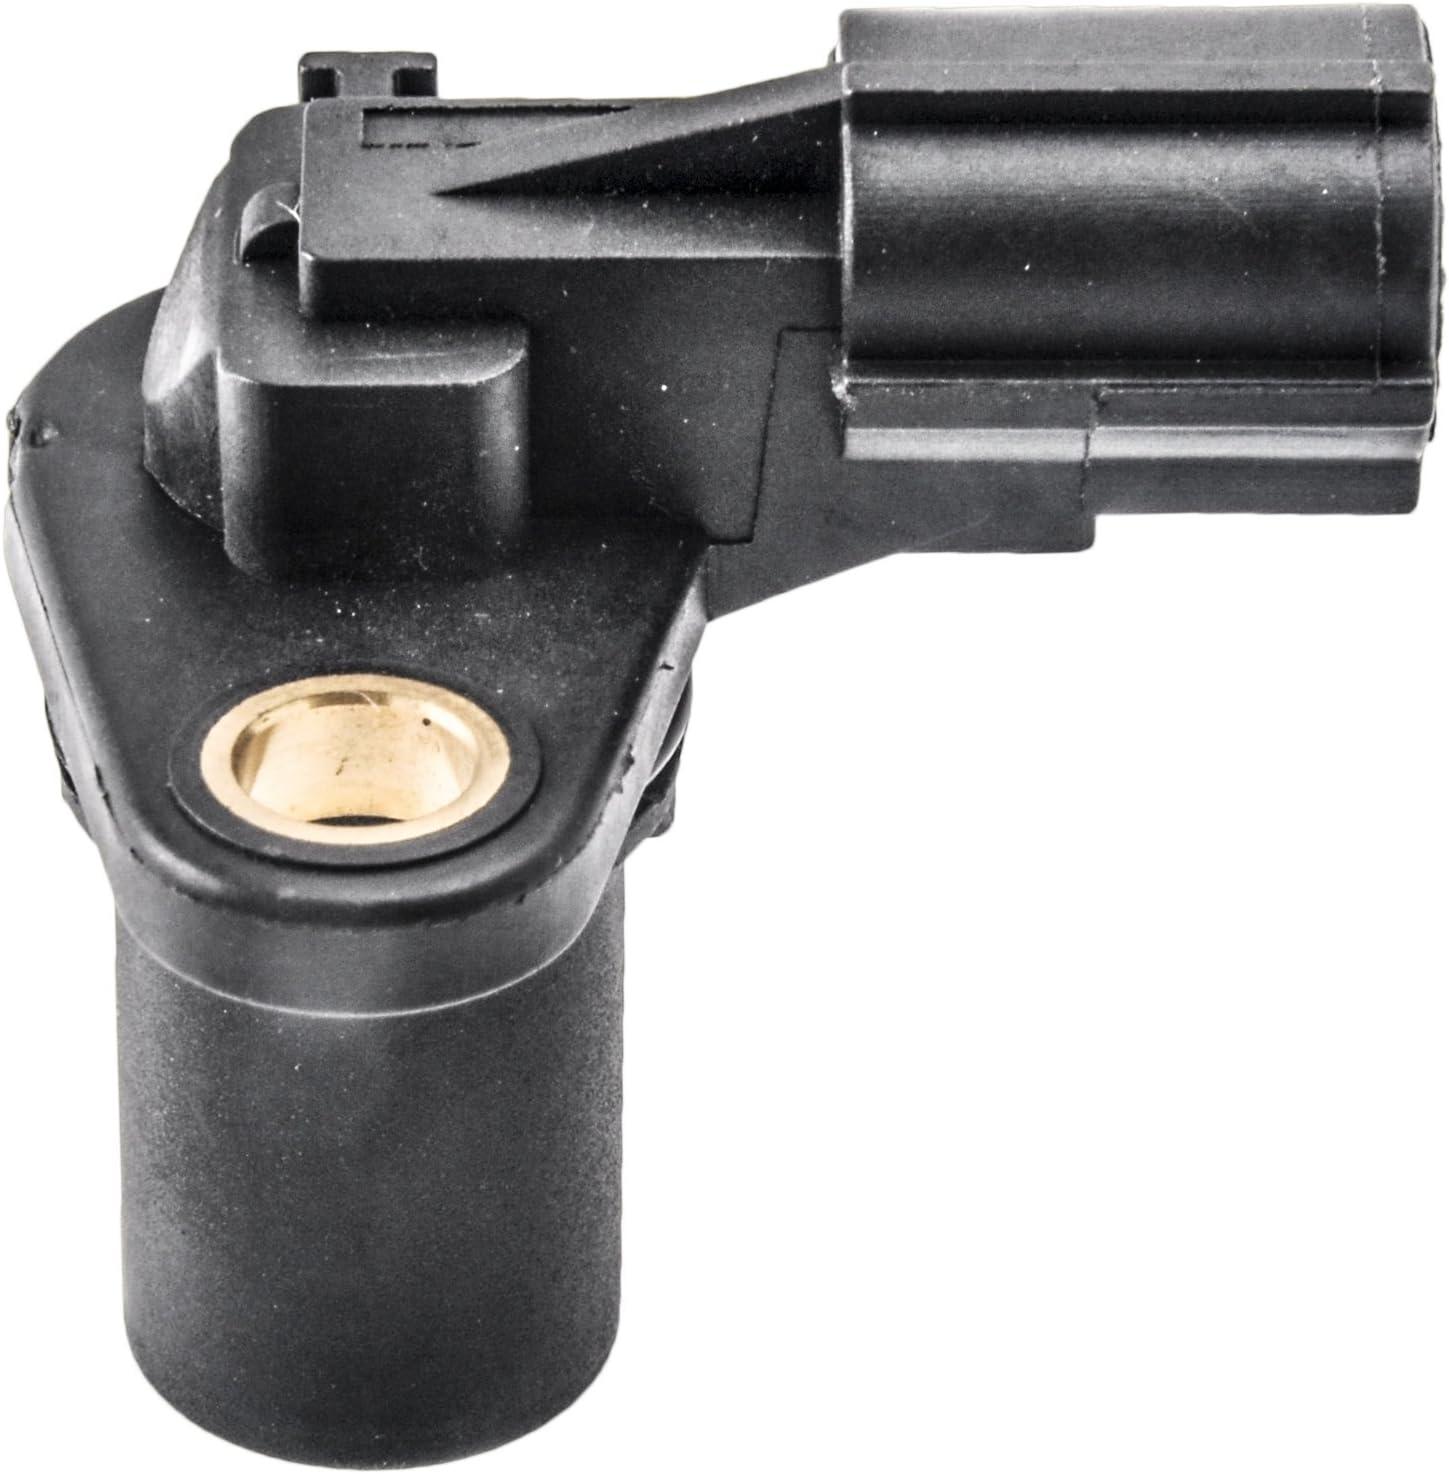 New Herko Camshaft Position Sensor PCH430 For Ford /& Mazda 2001-2010